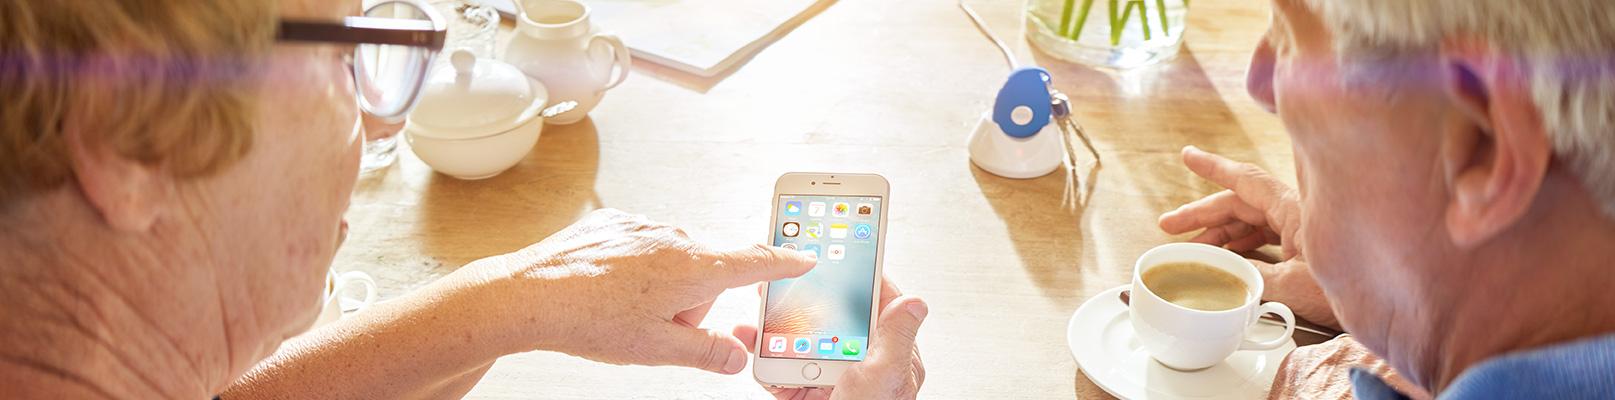 Sammen ved bordet opdager cAlarm Mobile